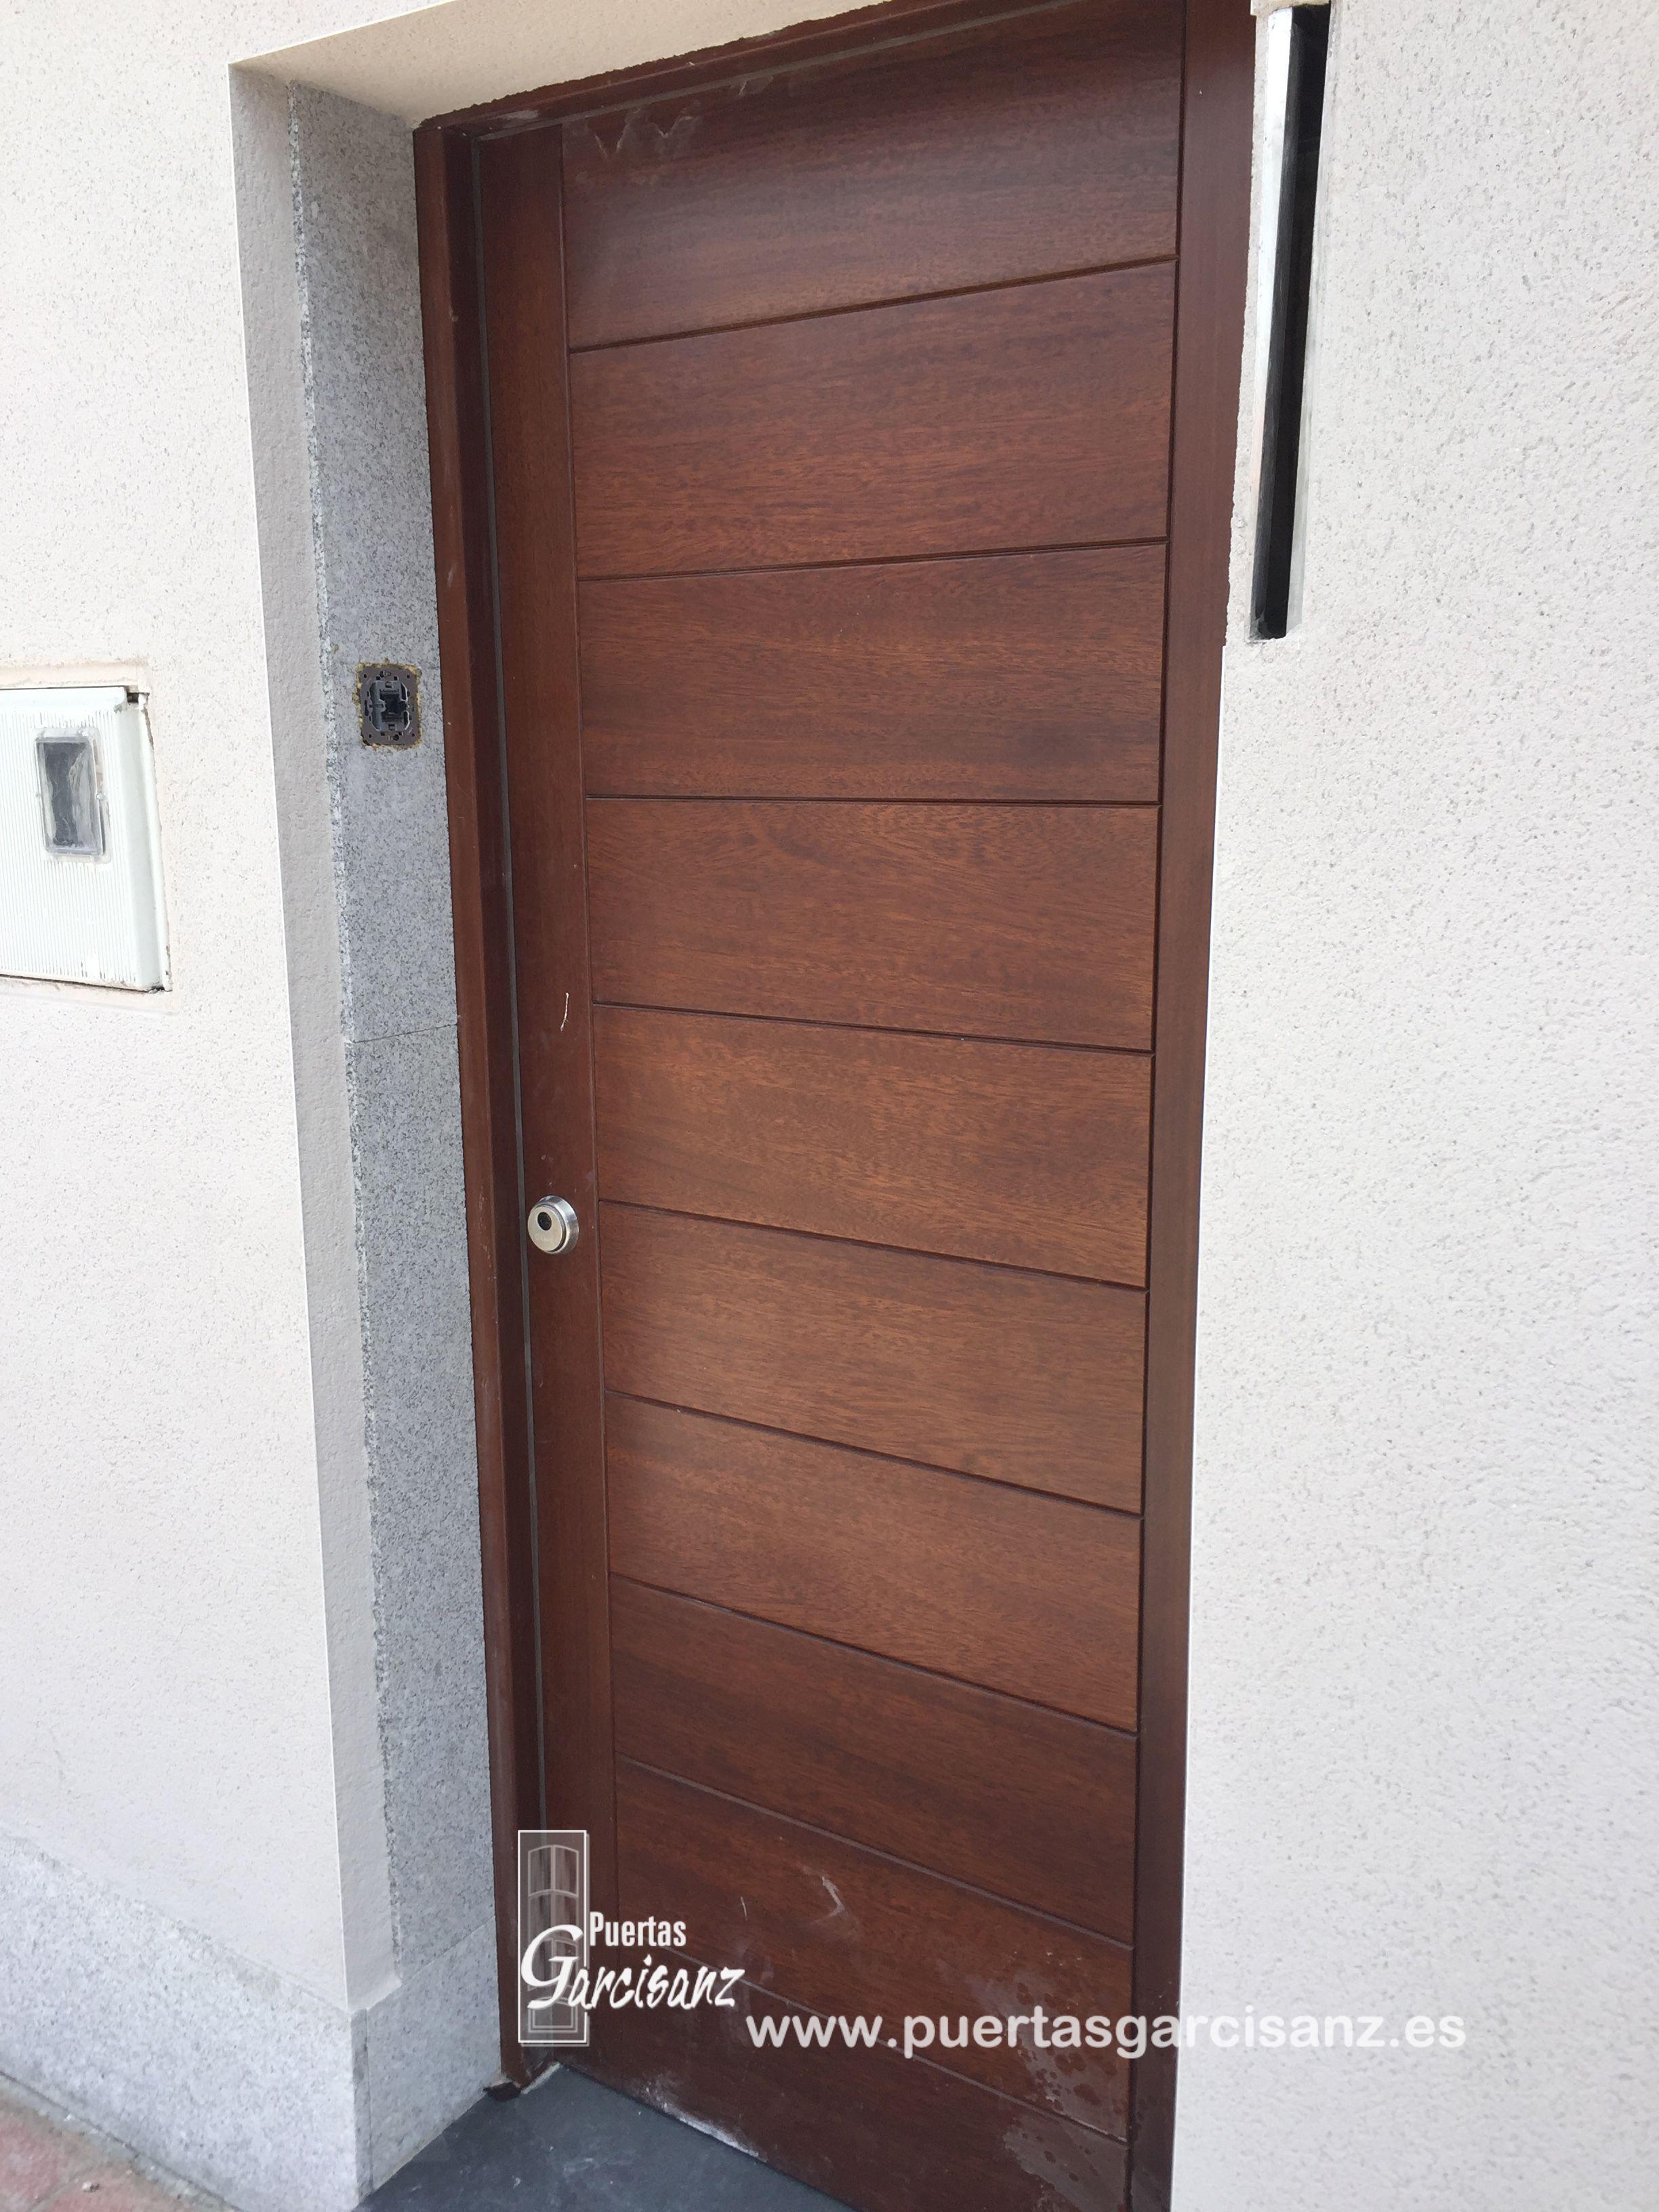 Instalación De Puerta De Entrada Mod 510 En Madera Maciza De Iroko Barnizada Al Agua Para Exteriores Con Cerco Tall Cabinet Storage Storage Cabinet Storage